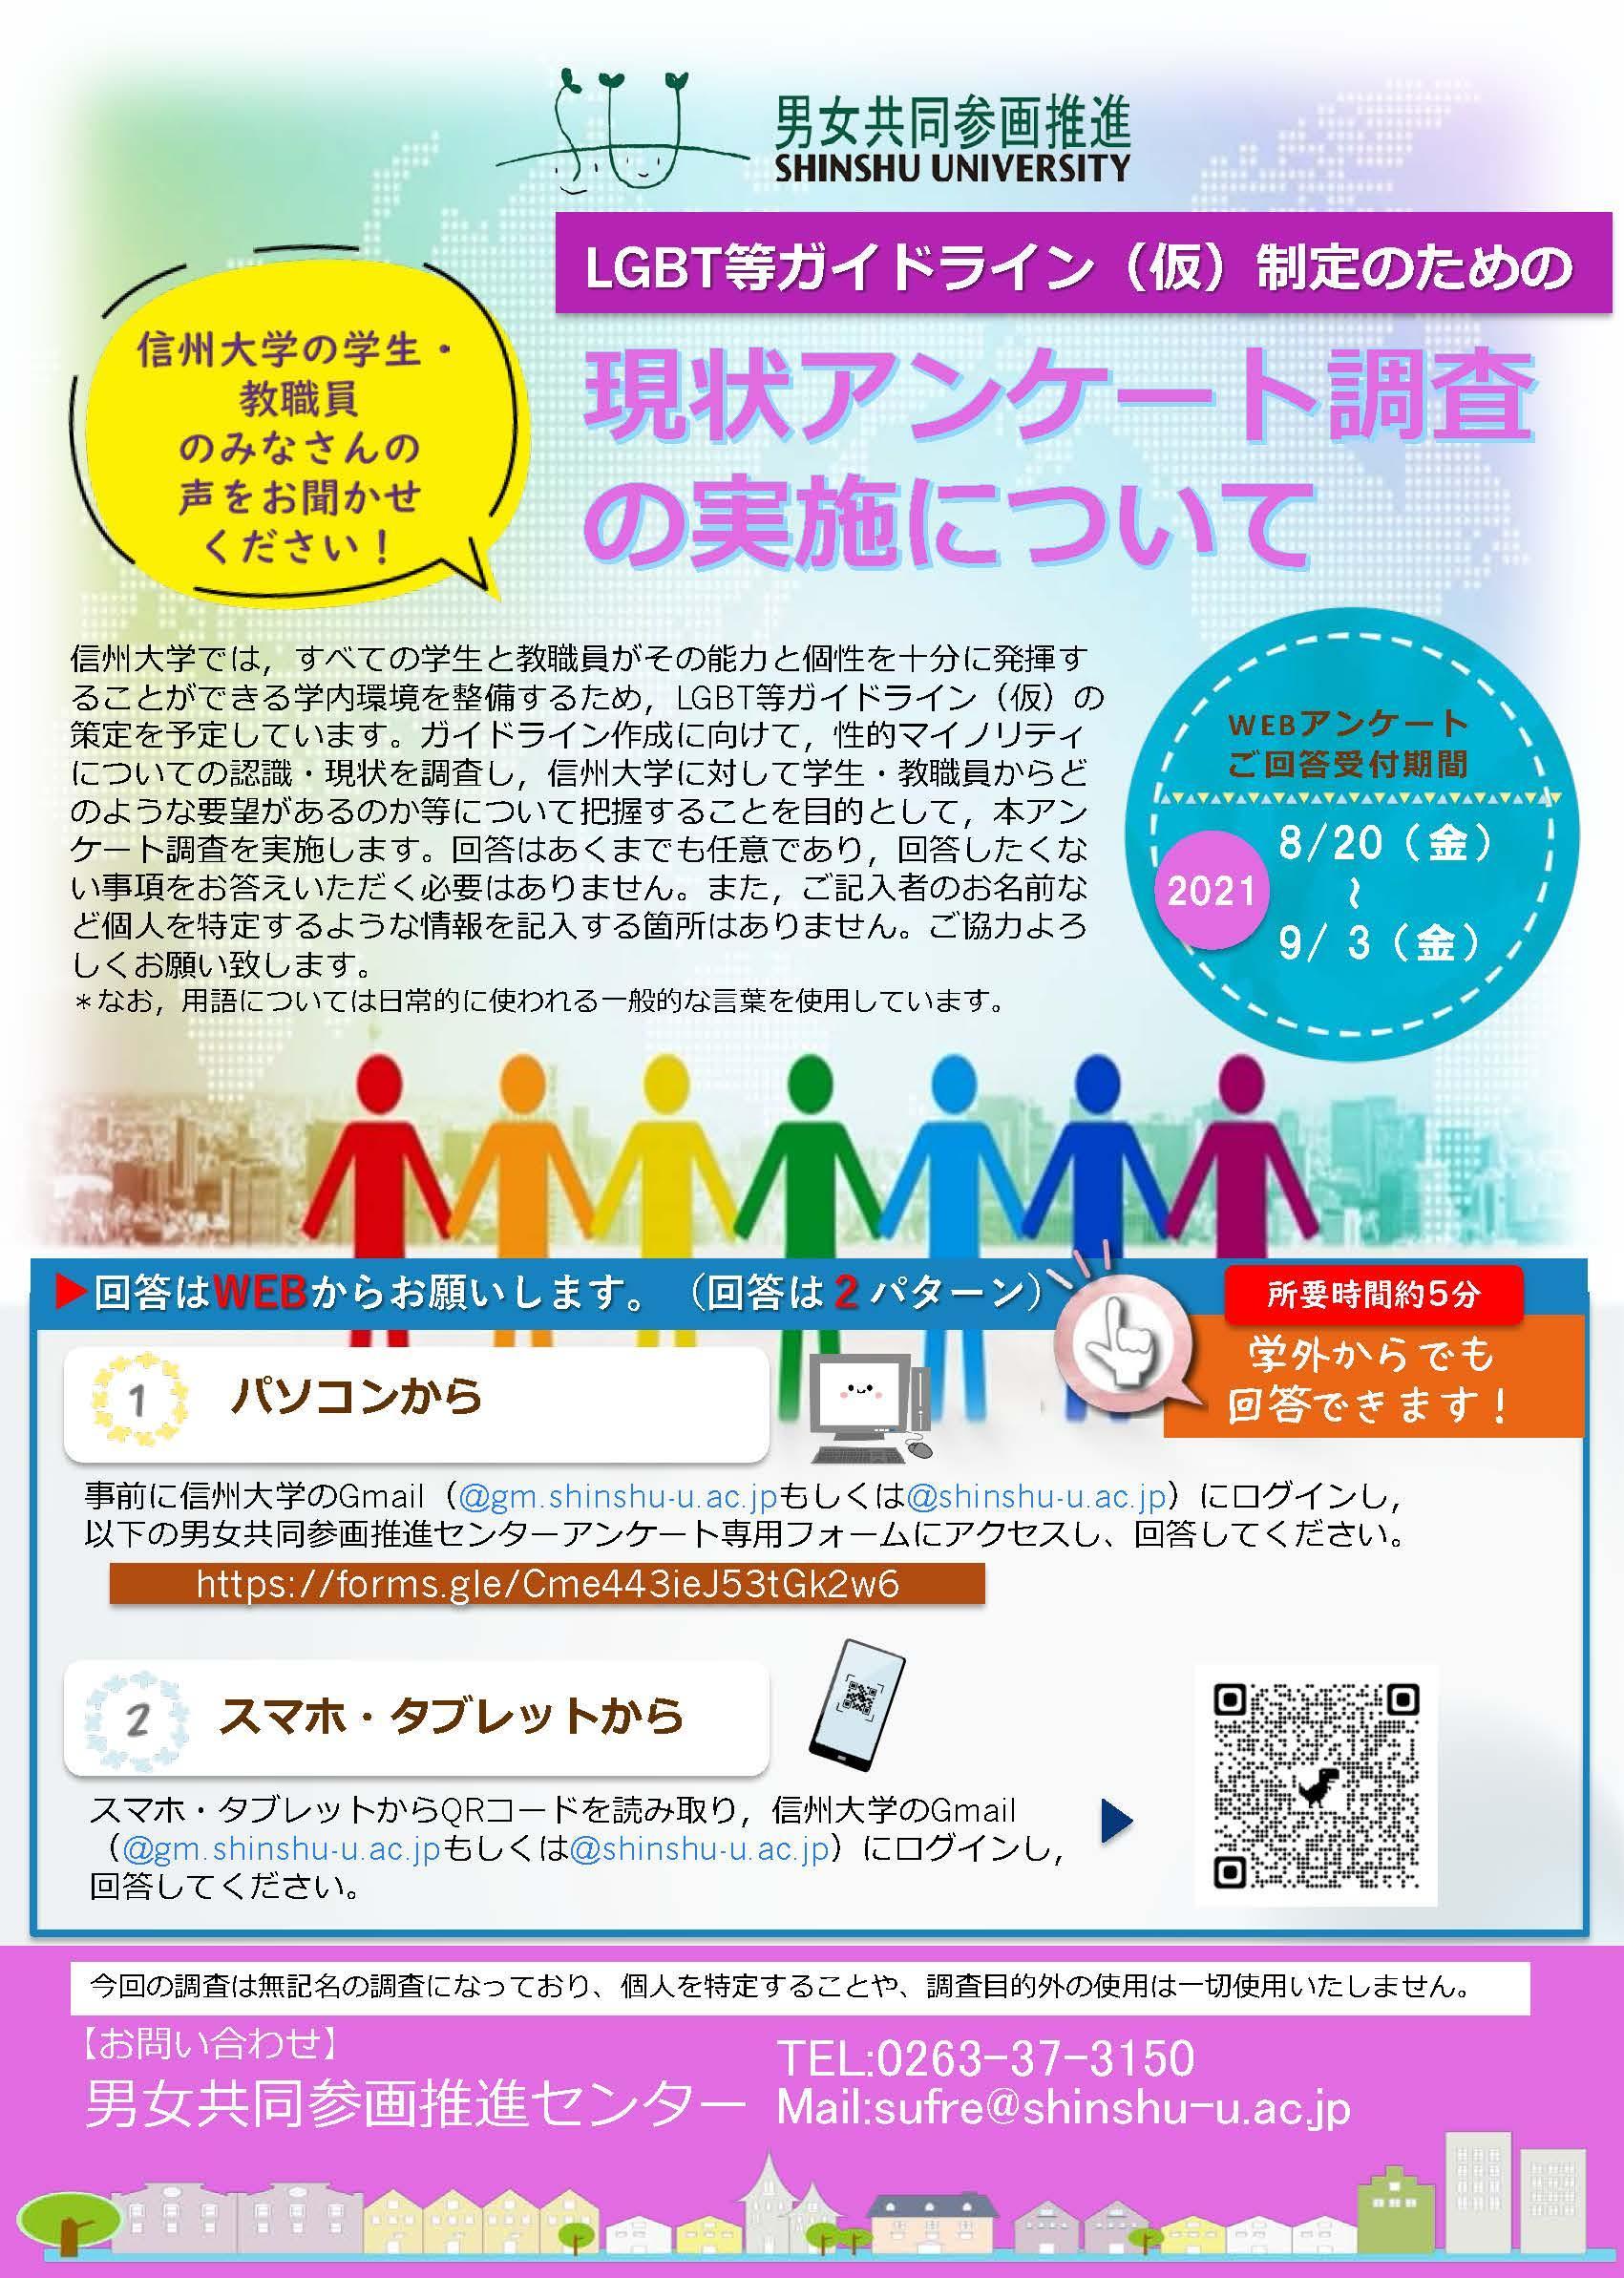 【9月3日まで】LGBT等ガイドライン(仮)制定のための現状アンケート調査の実施について